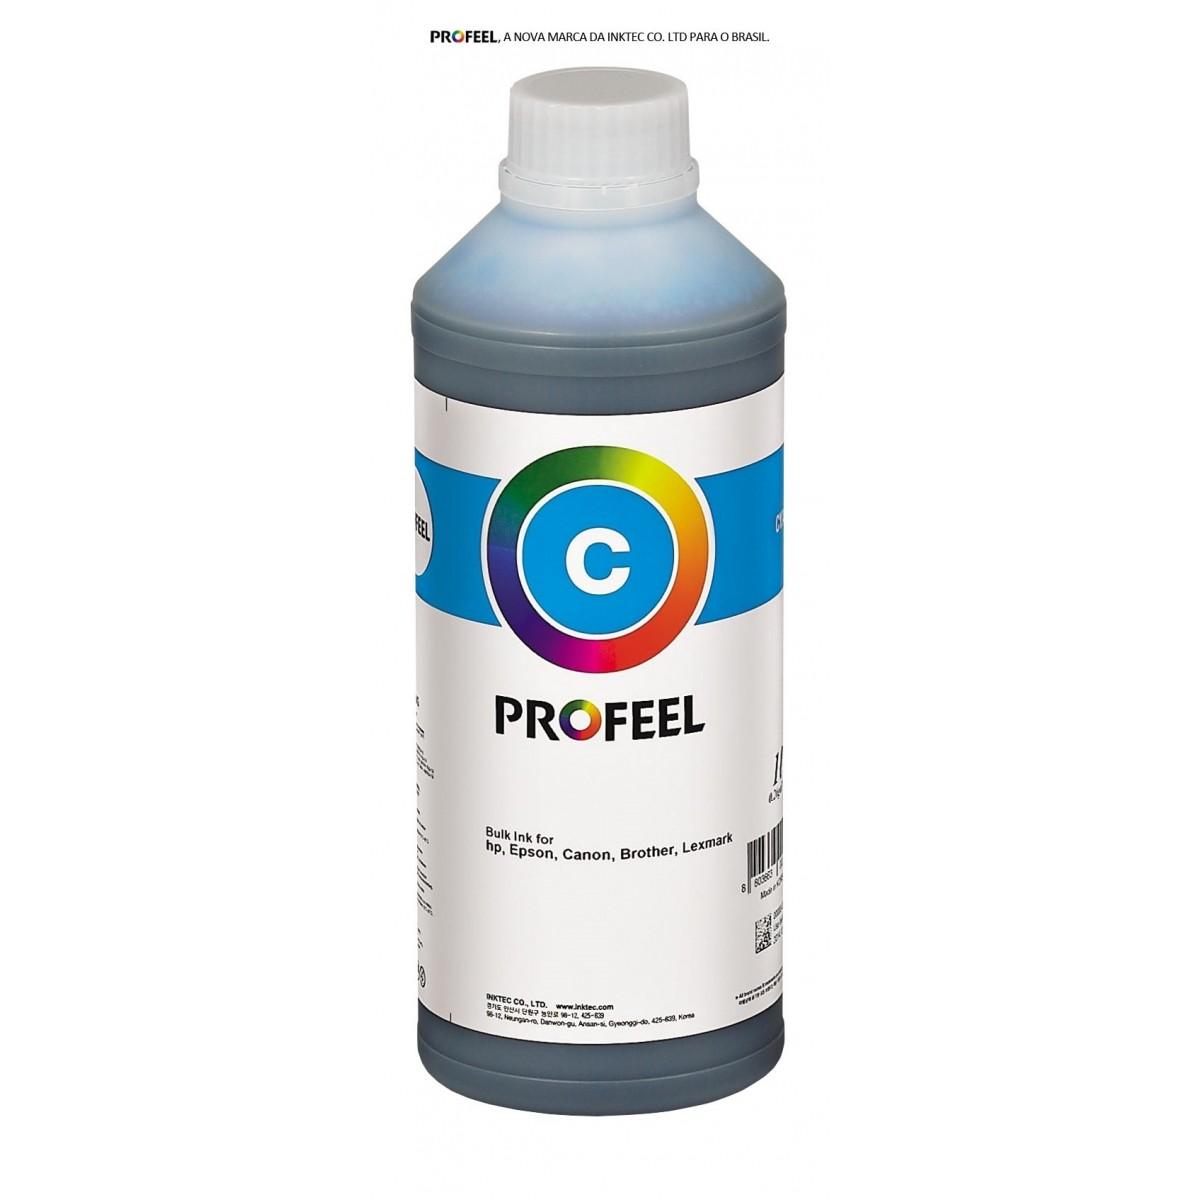 Tinta corante InkTec Profeel para Canon | modelo C5000D-01LC | Frasco de 1 litro | Cor : Ciano